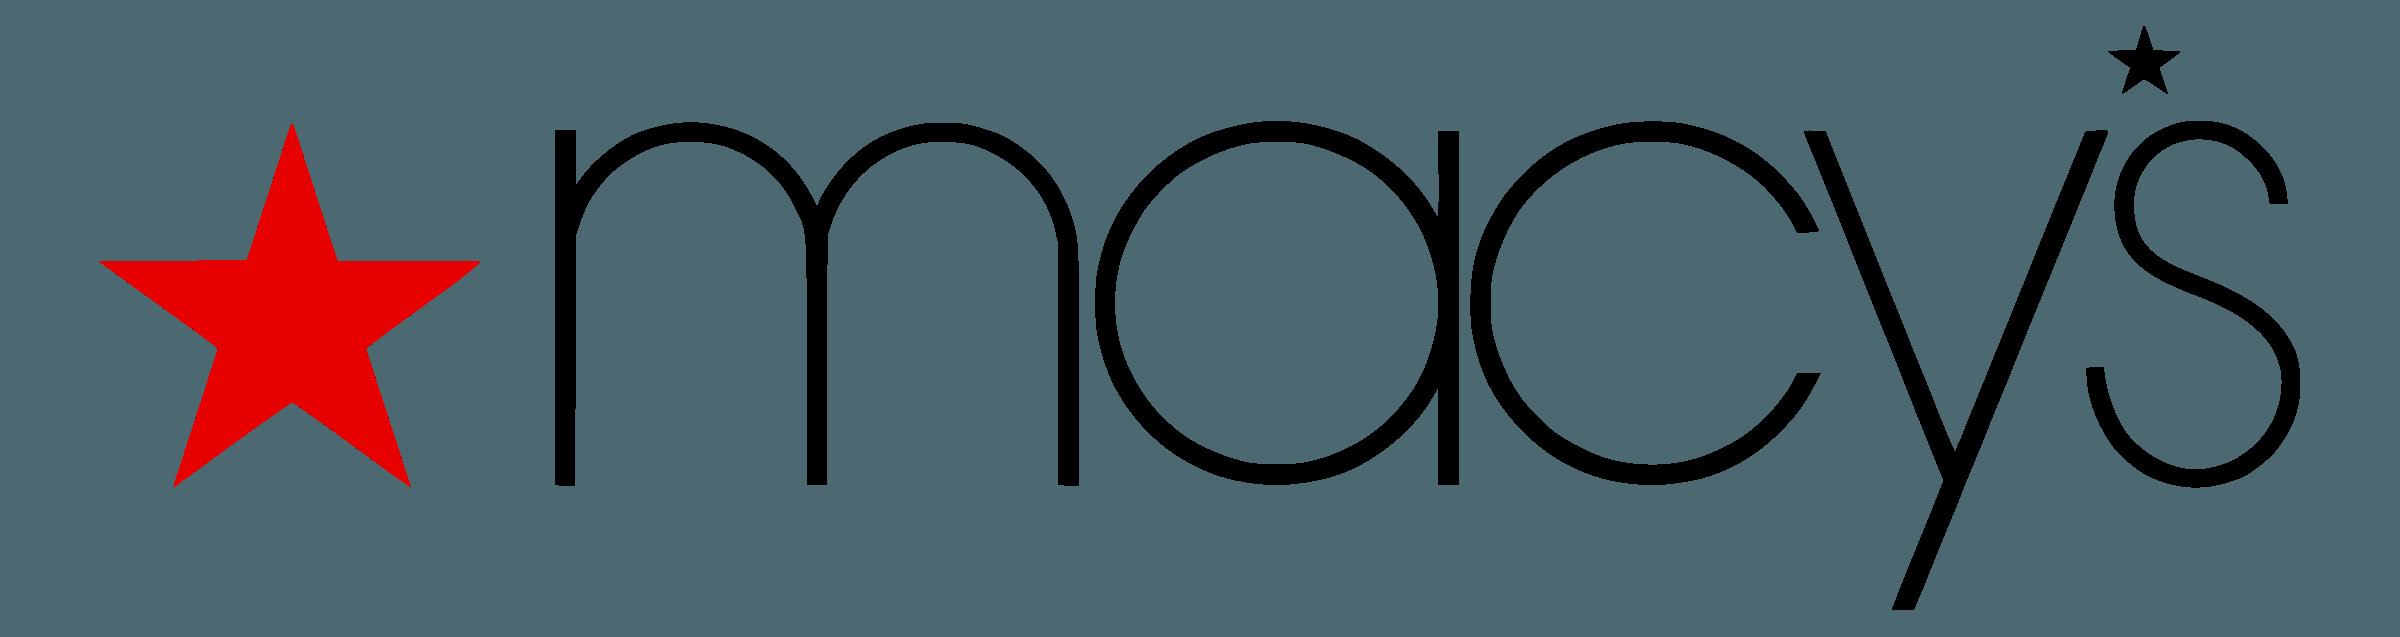 macys-logo-transparent.png